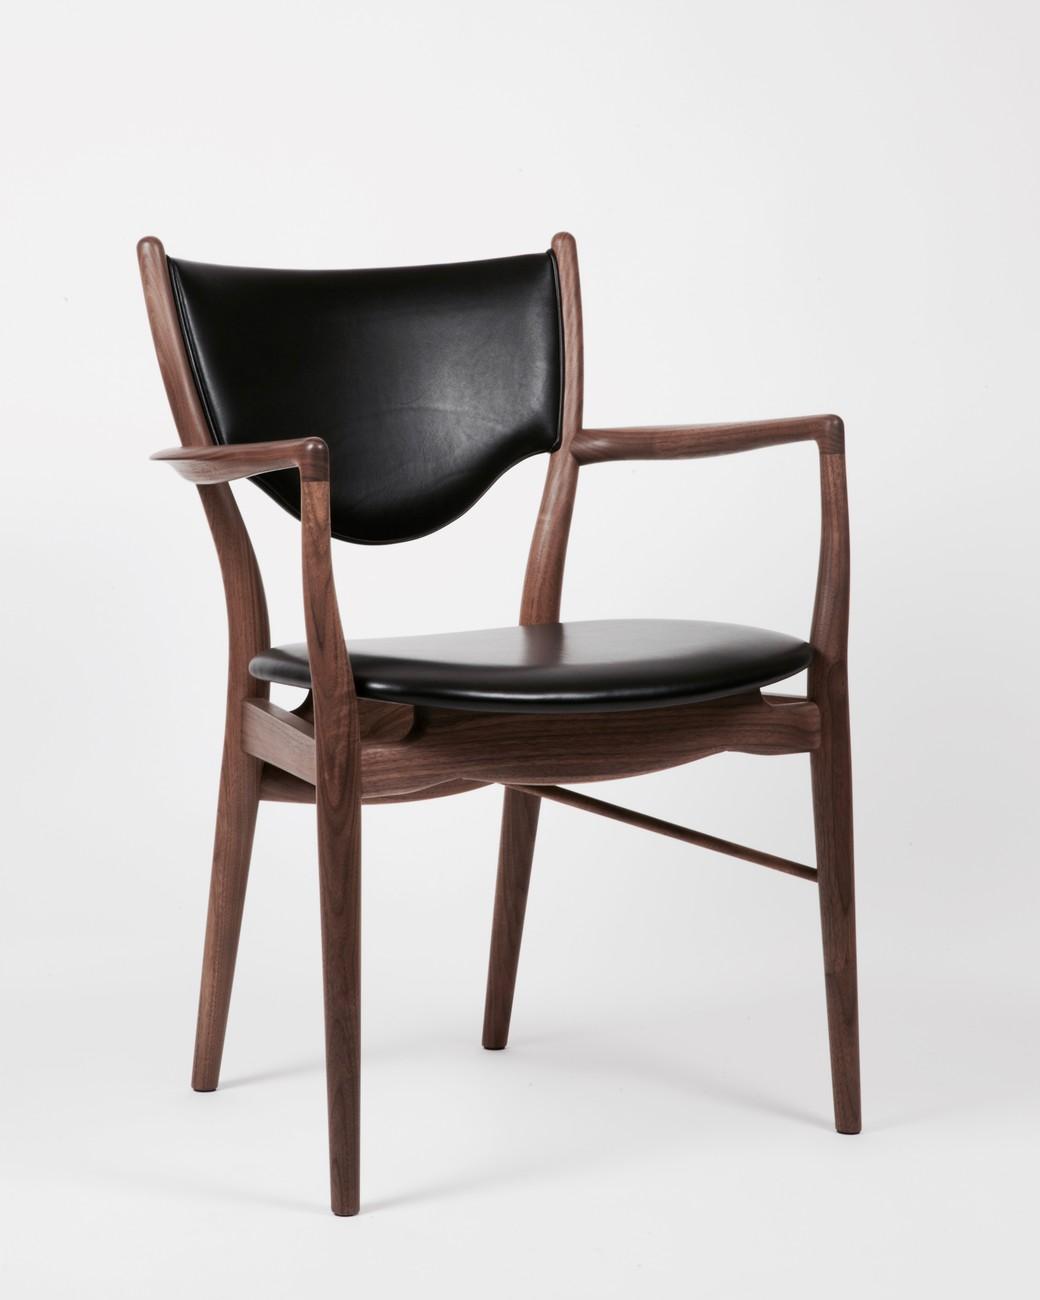 FJ4653 - 46 Arm Chair